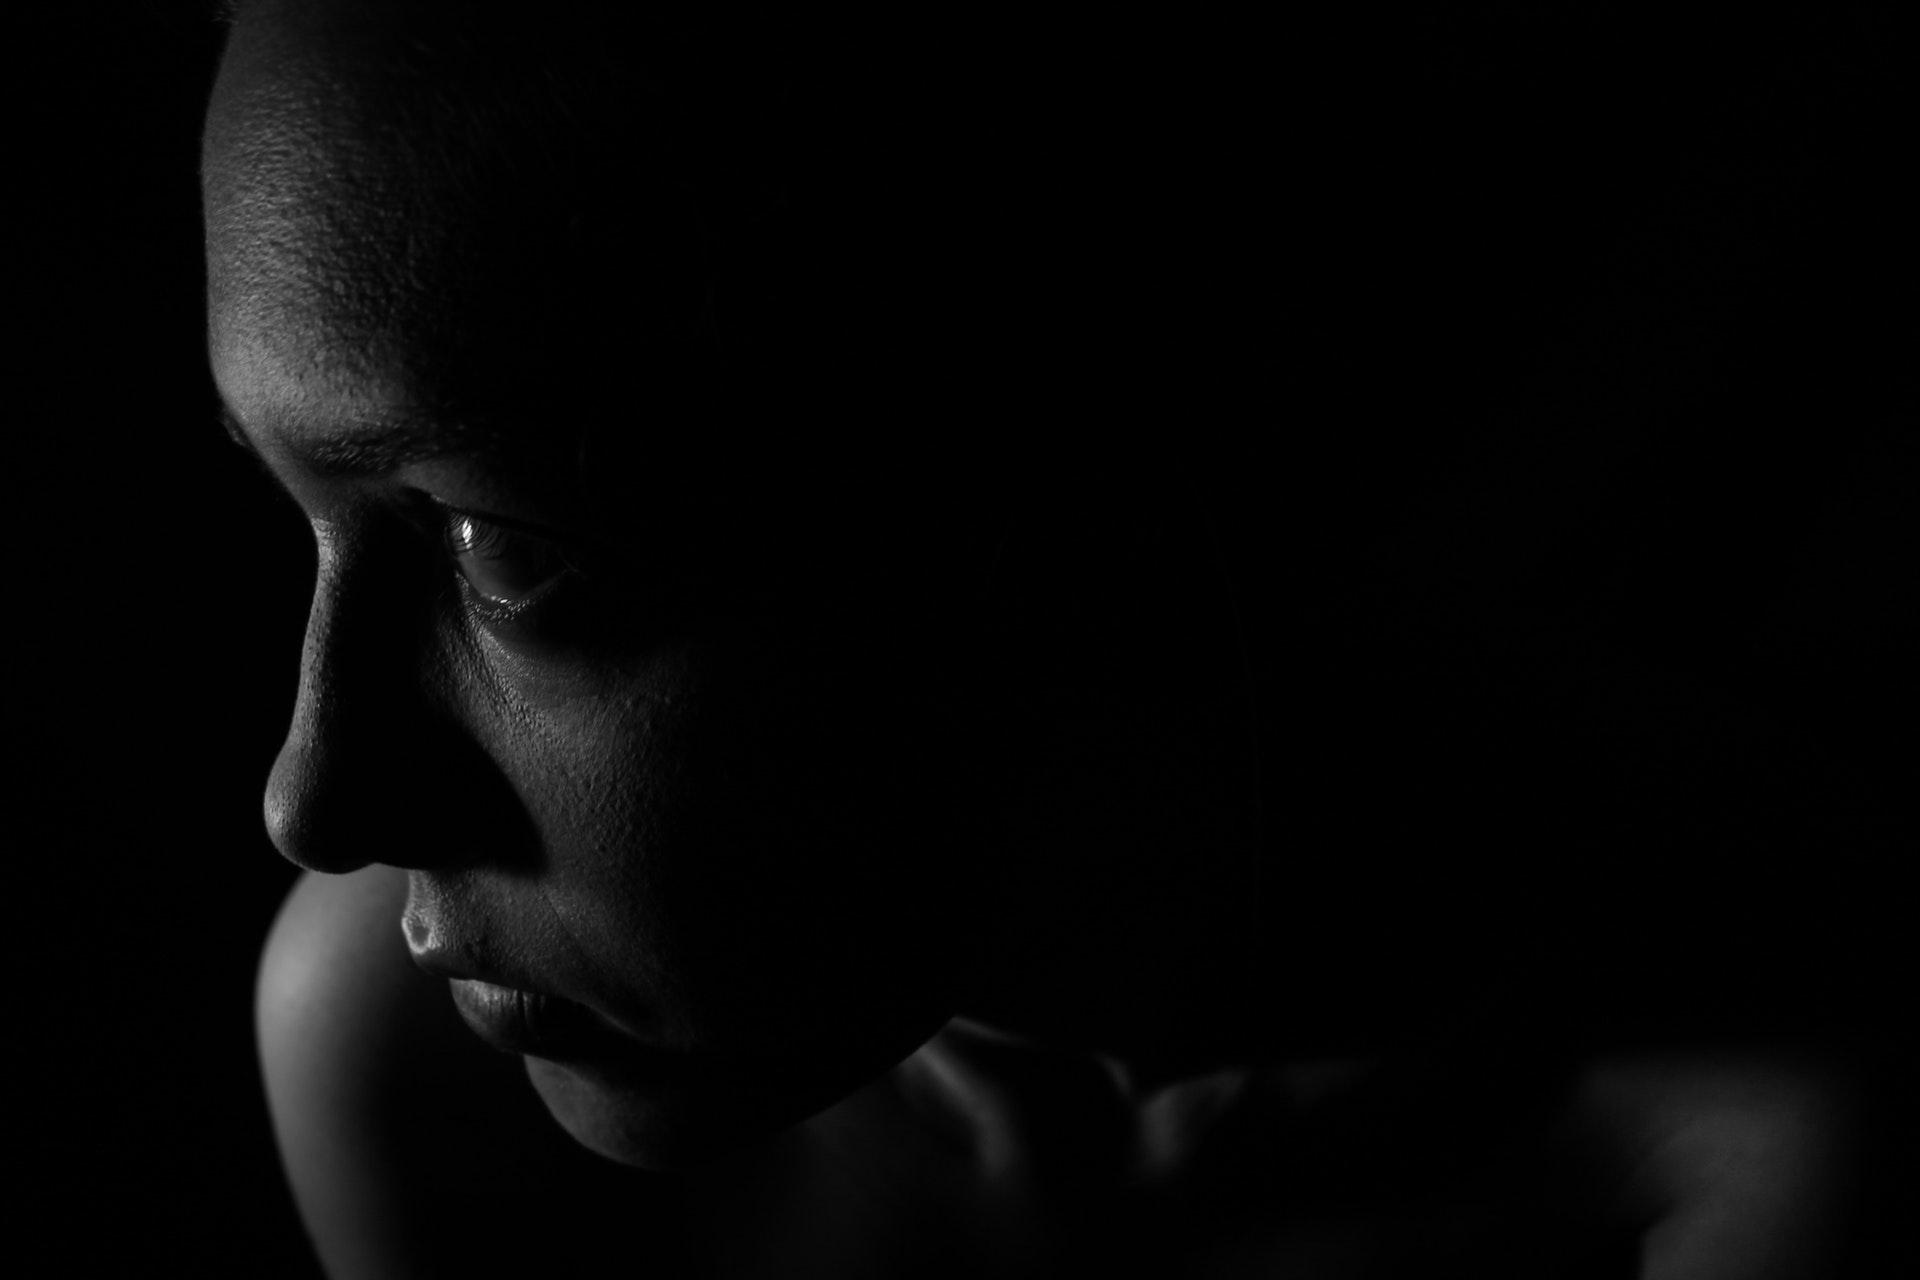 Praca z pacjentem cierpiącym na nerwicę wymaga ogromnych pokładów cierpliwości (fot. pexels.com)